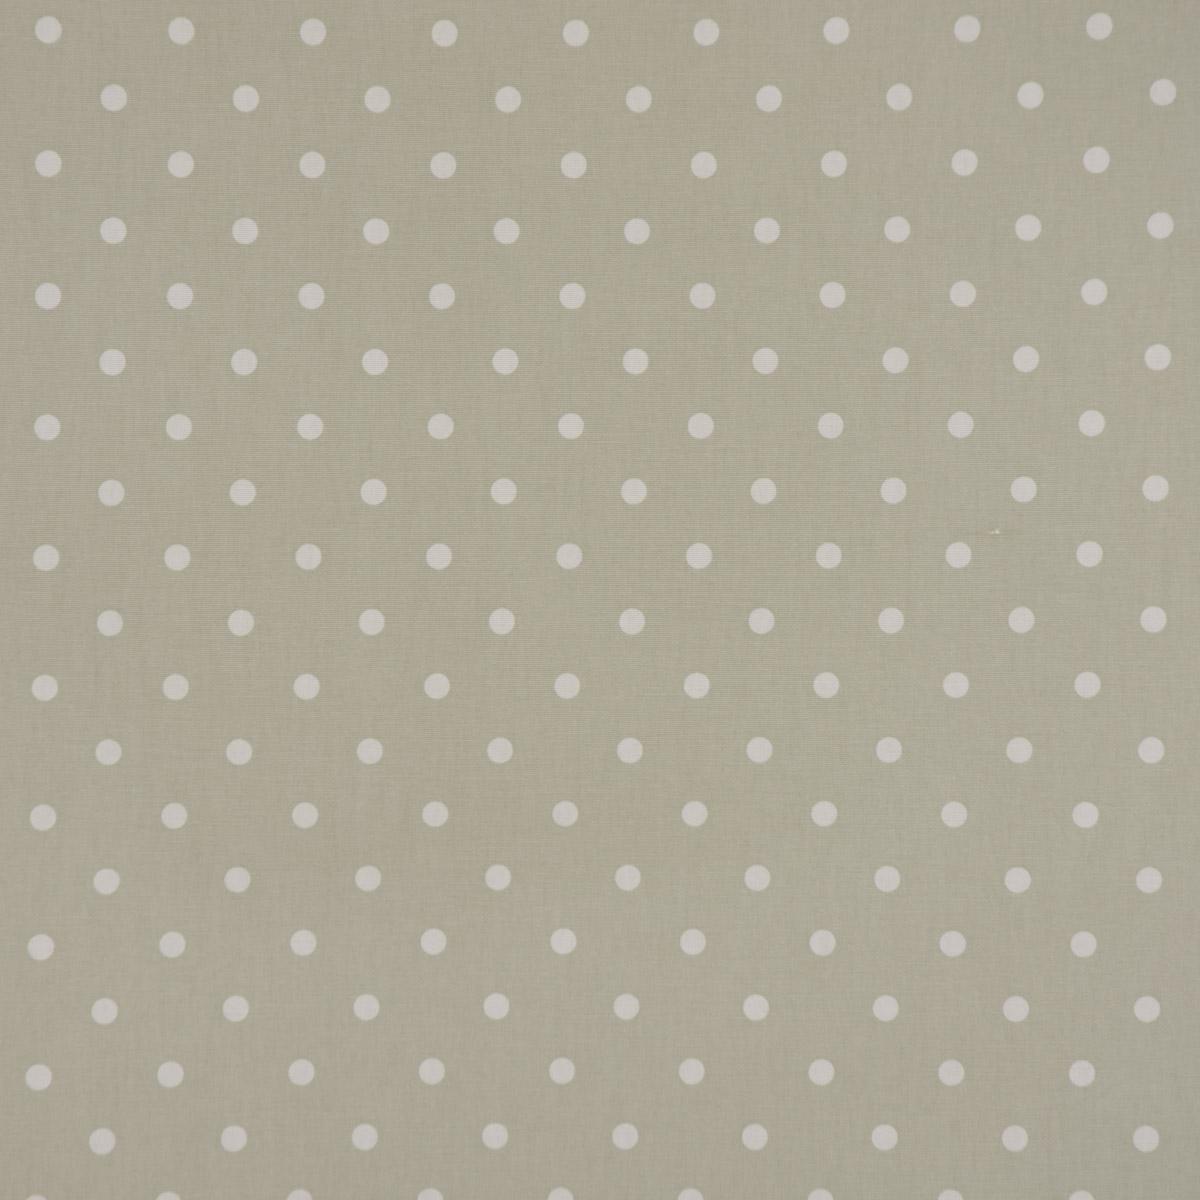 Stoffpaket in beige 3 Stoffstücke Karo Breite 140 cm Punkte